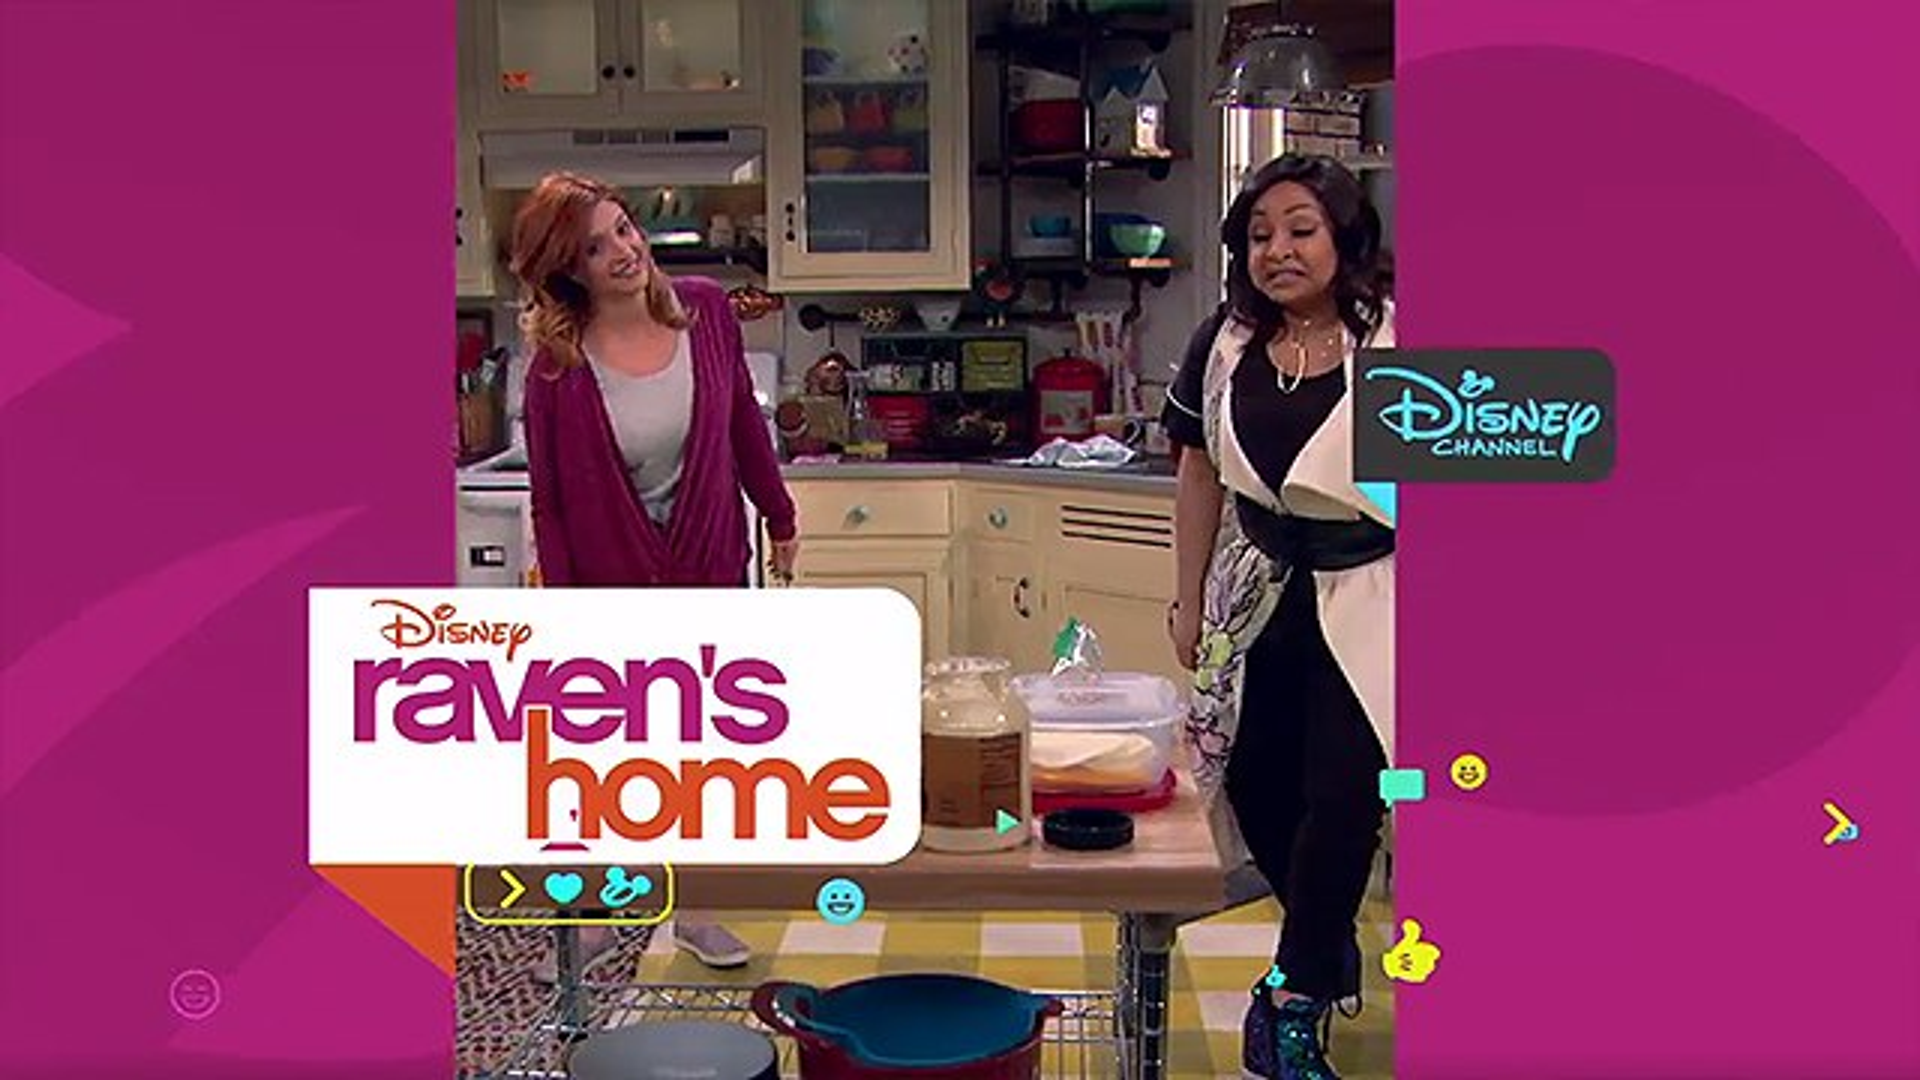 Ravens-Home-Trailer